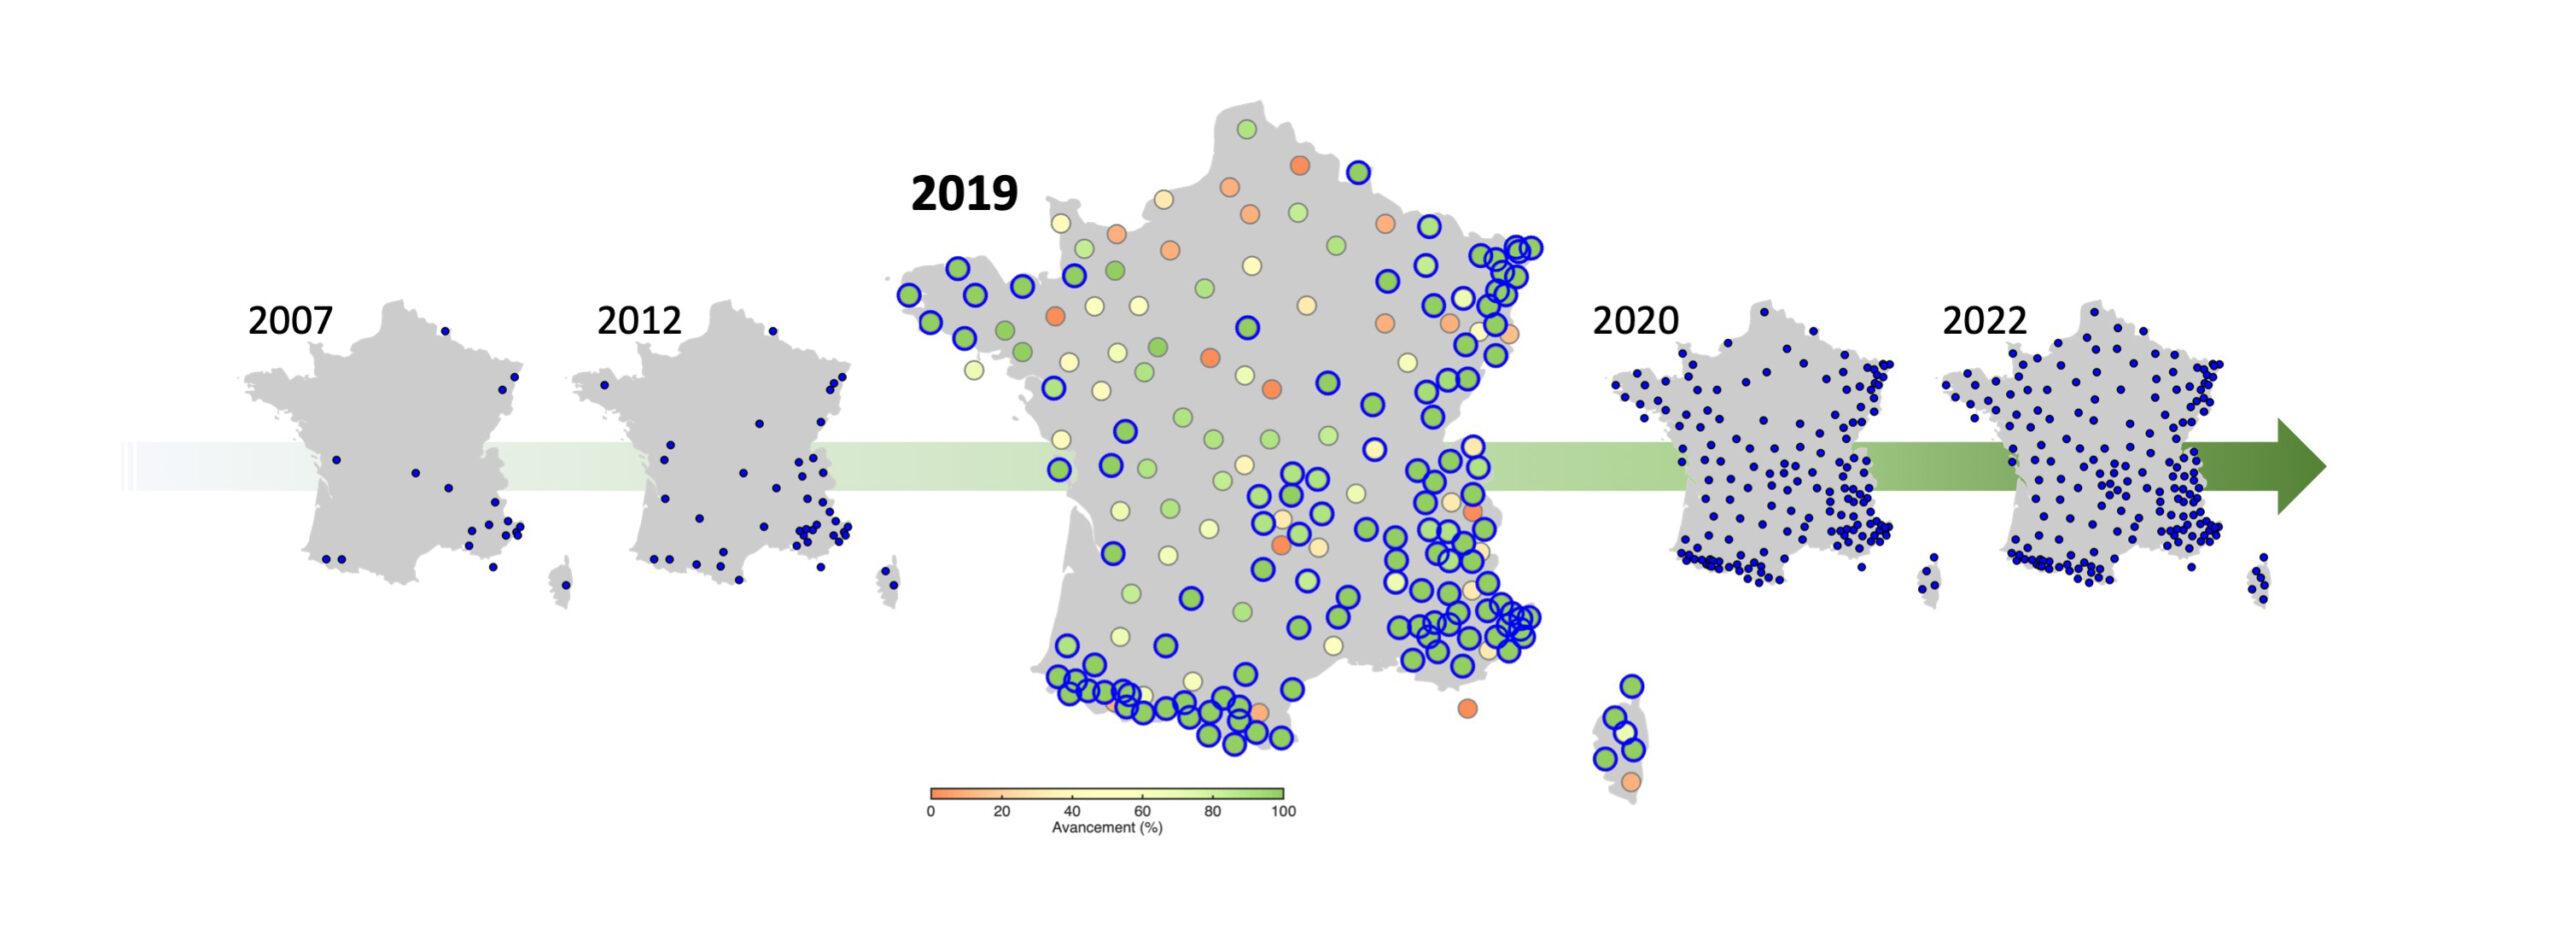 Evolution du réseau large bande permanent jusqu'en 2022